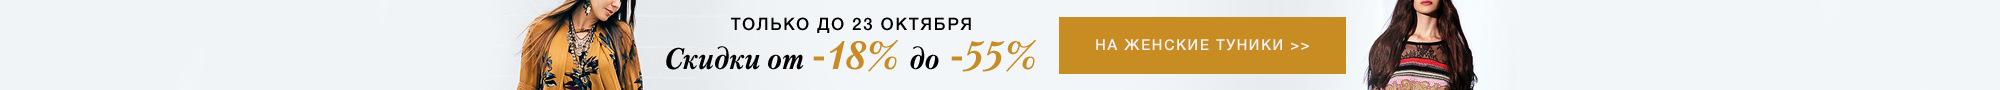 Остатки от -18% до -55% на Туники для женщин